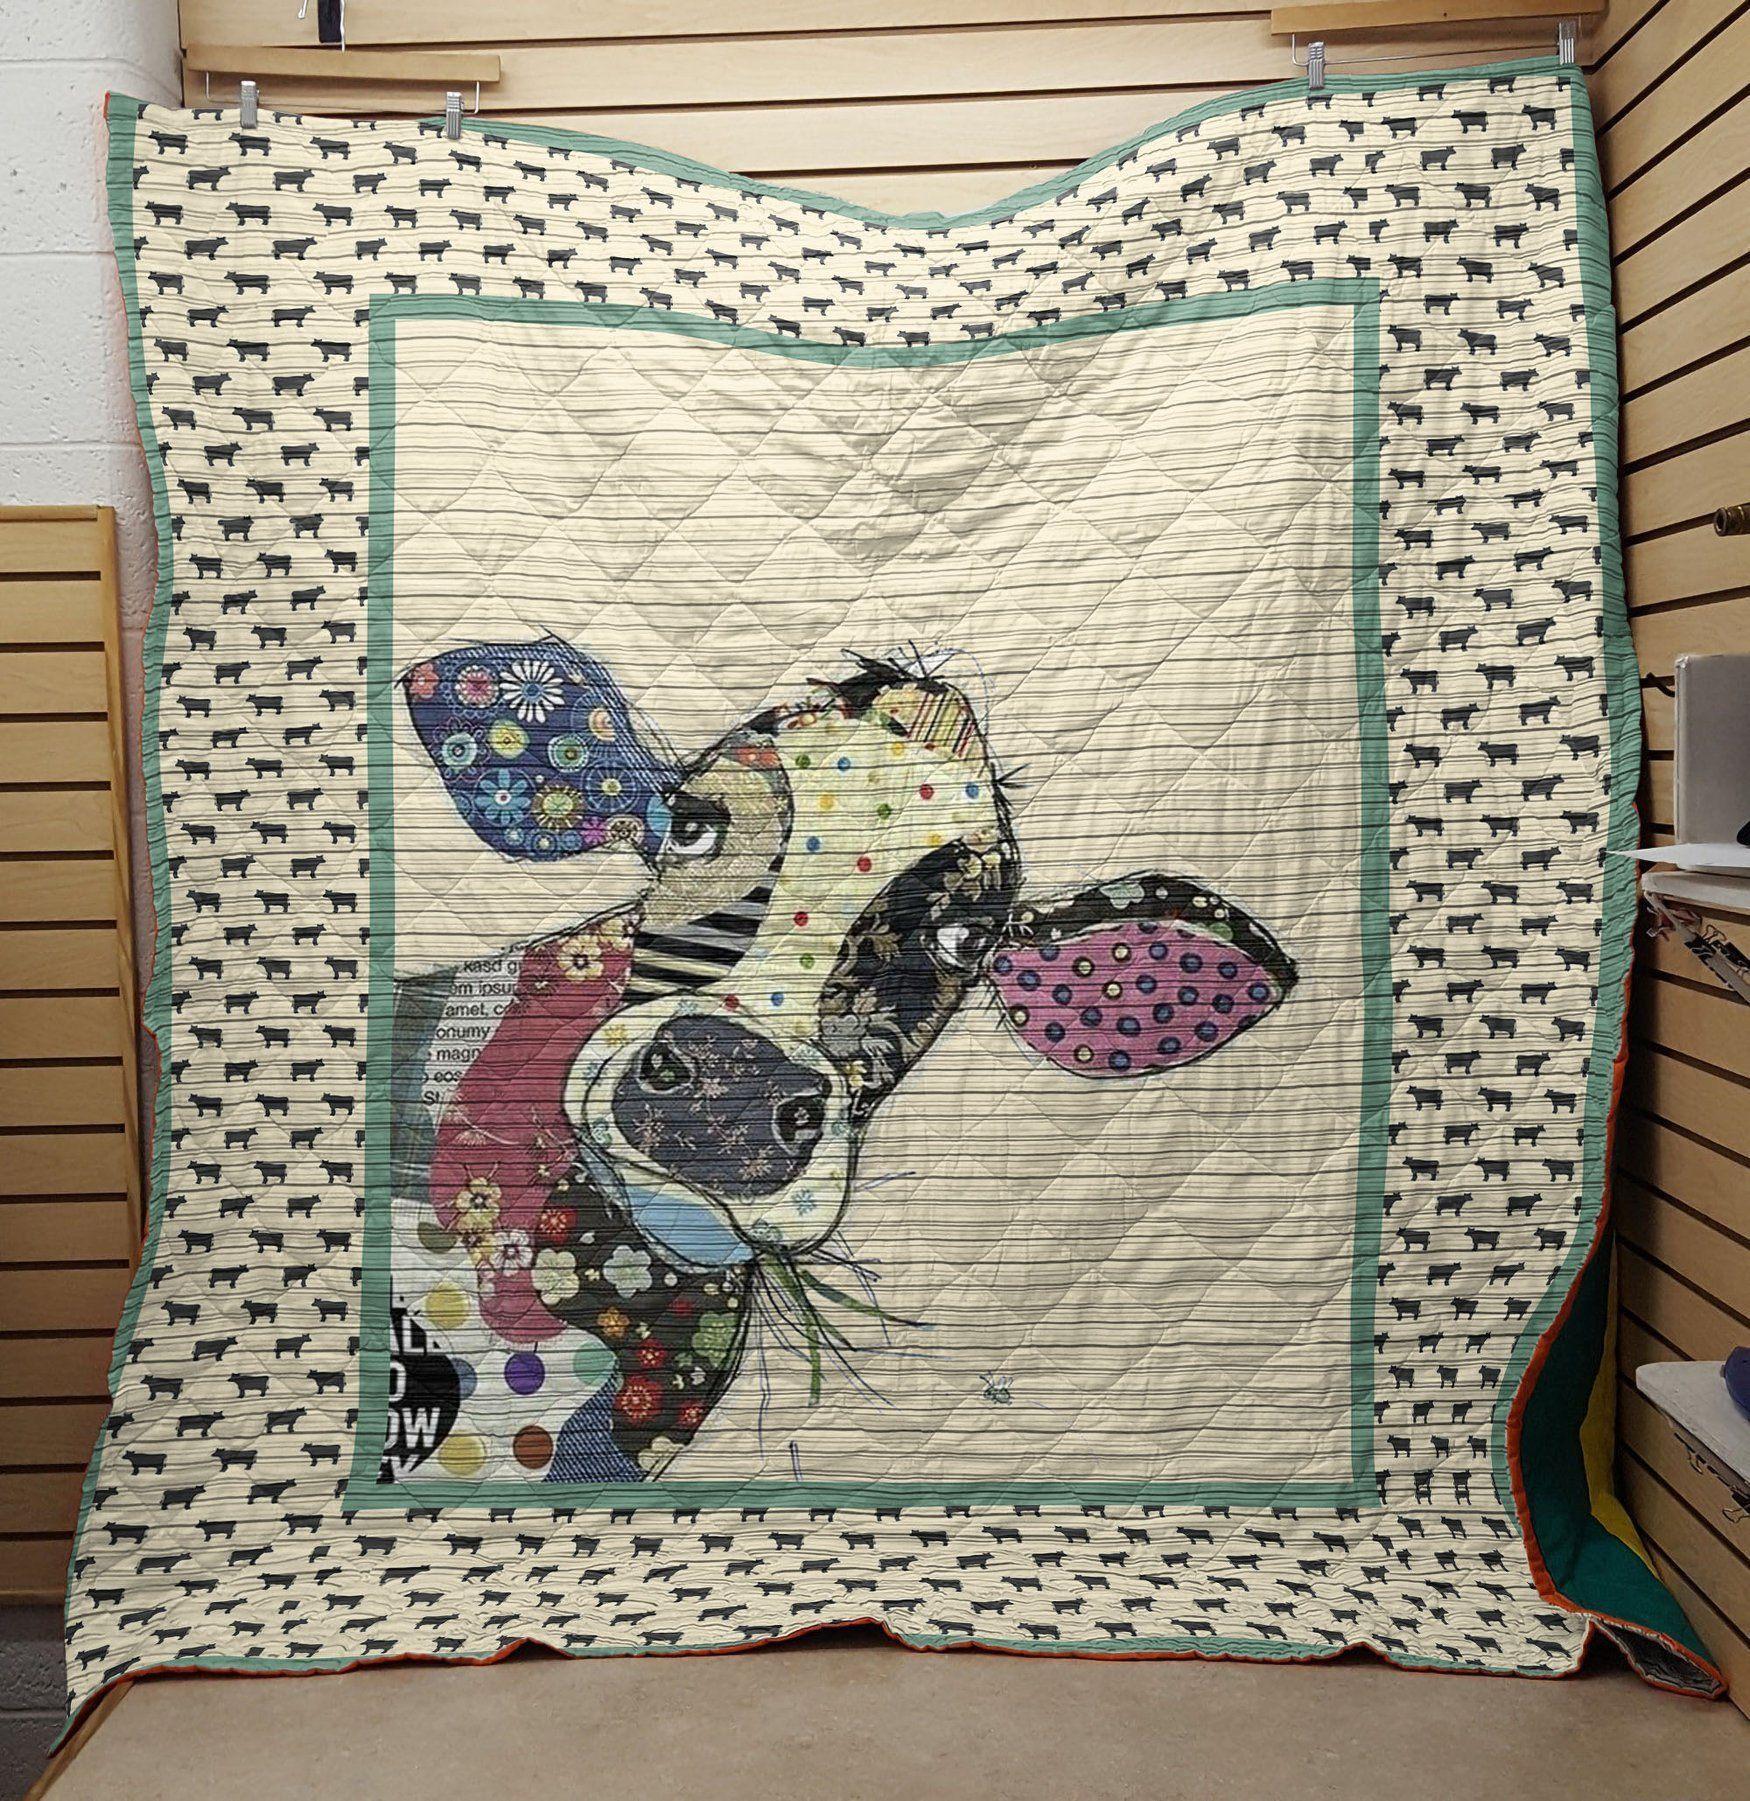 Cow fabric blanket - queen